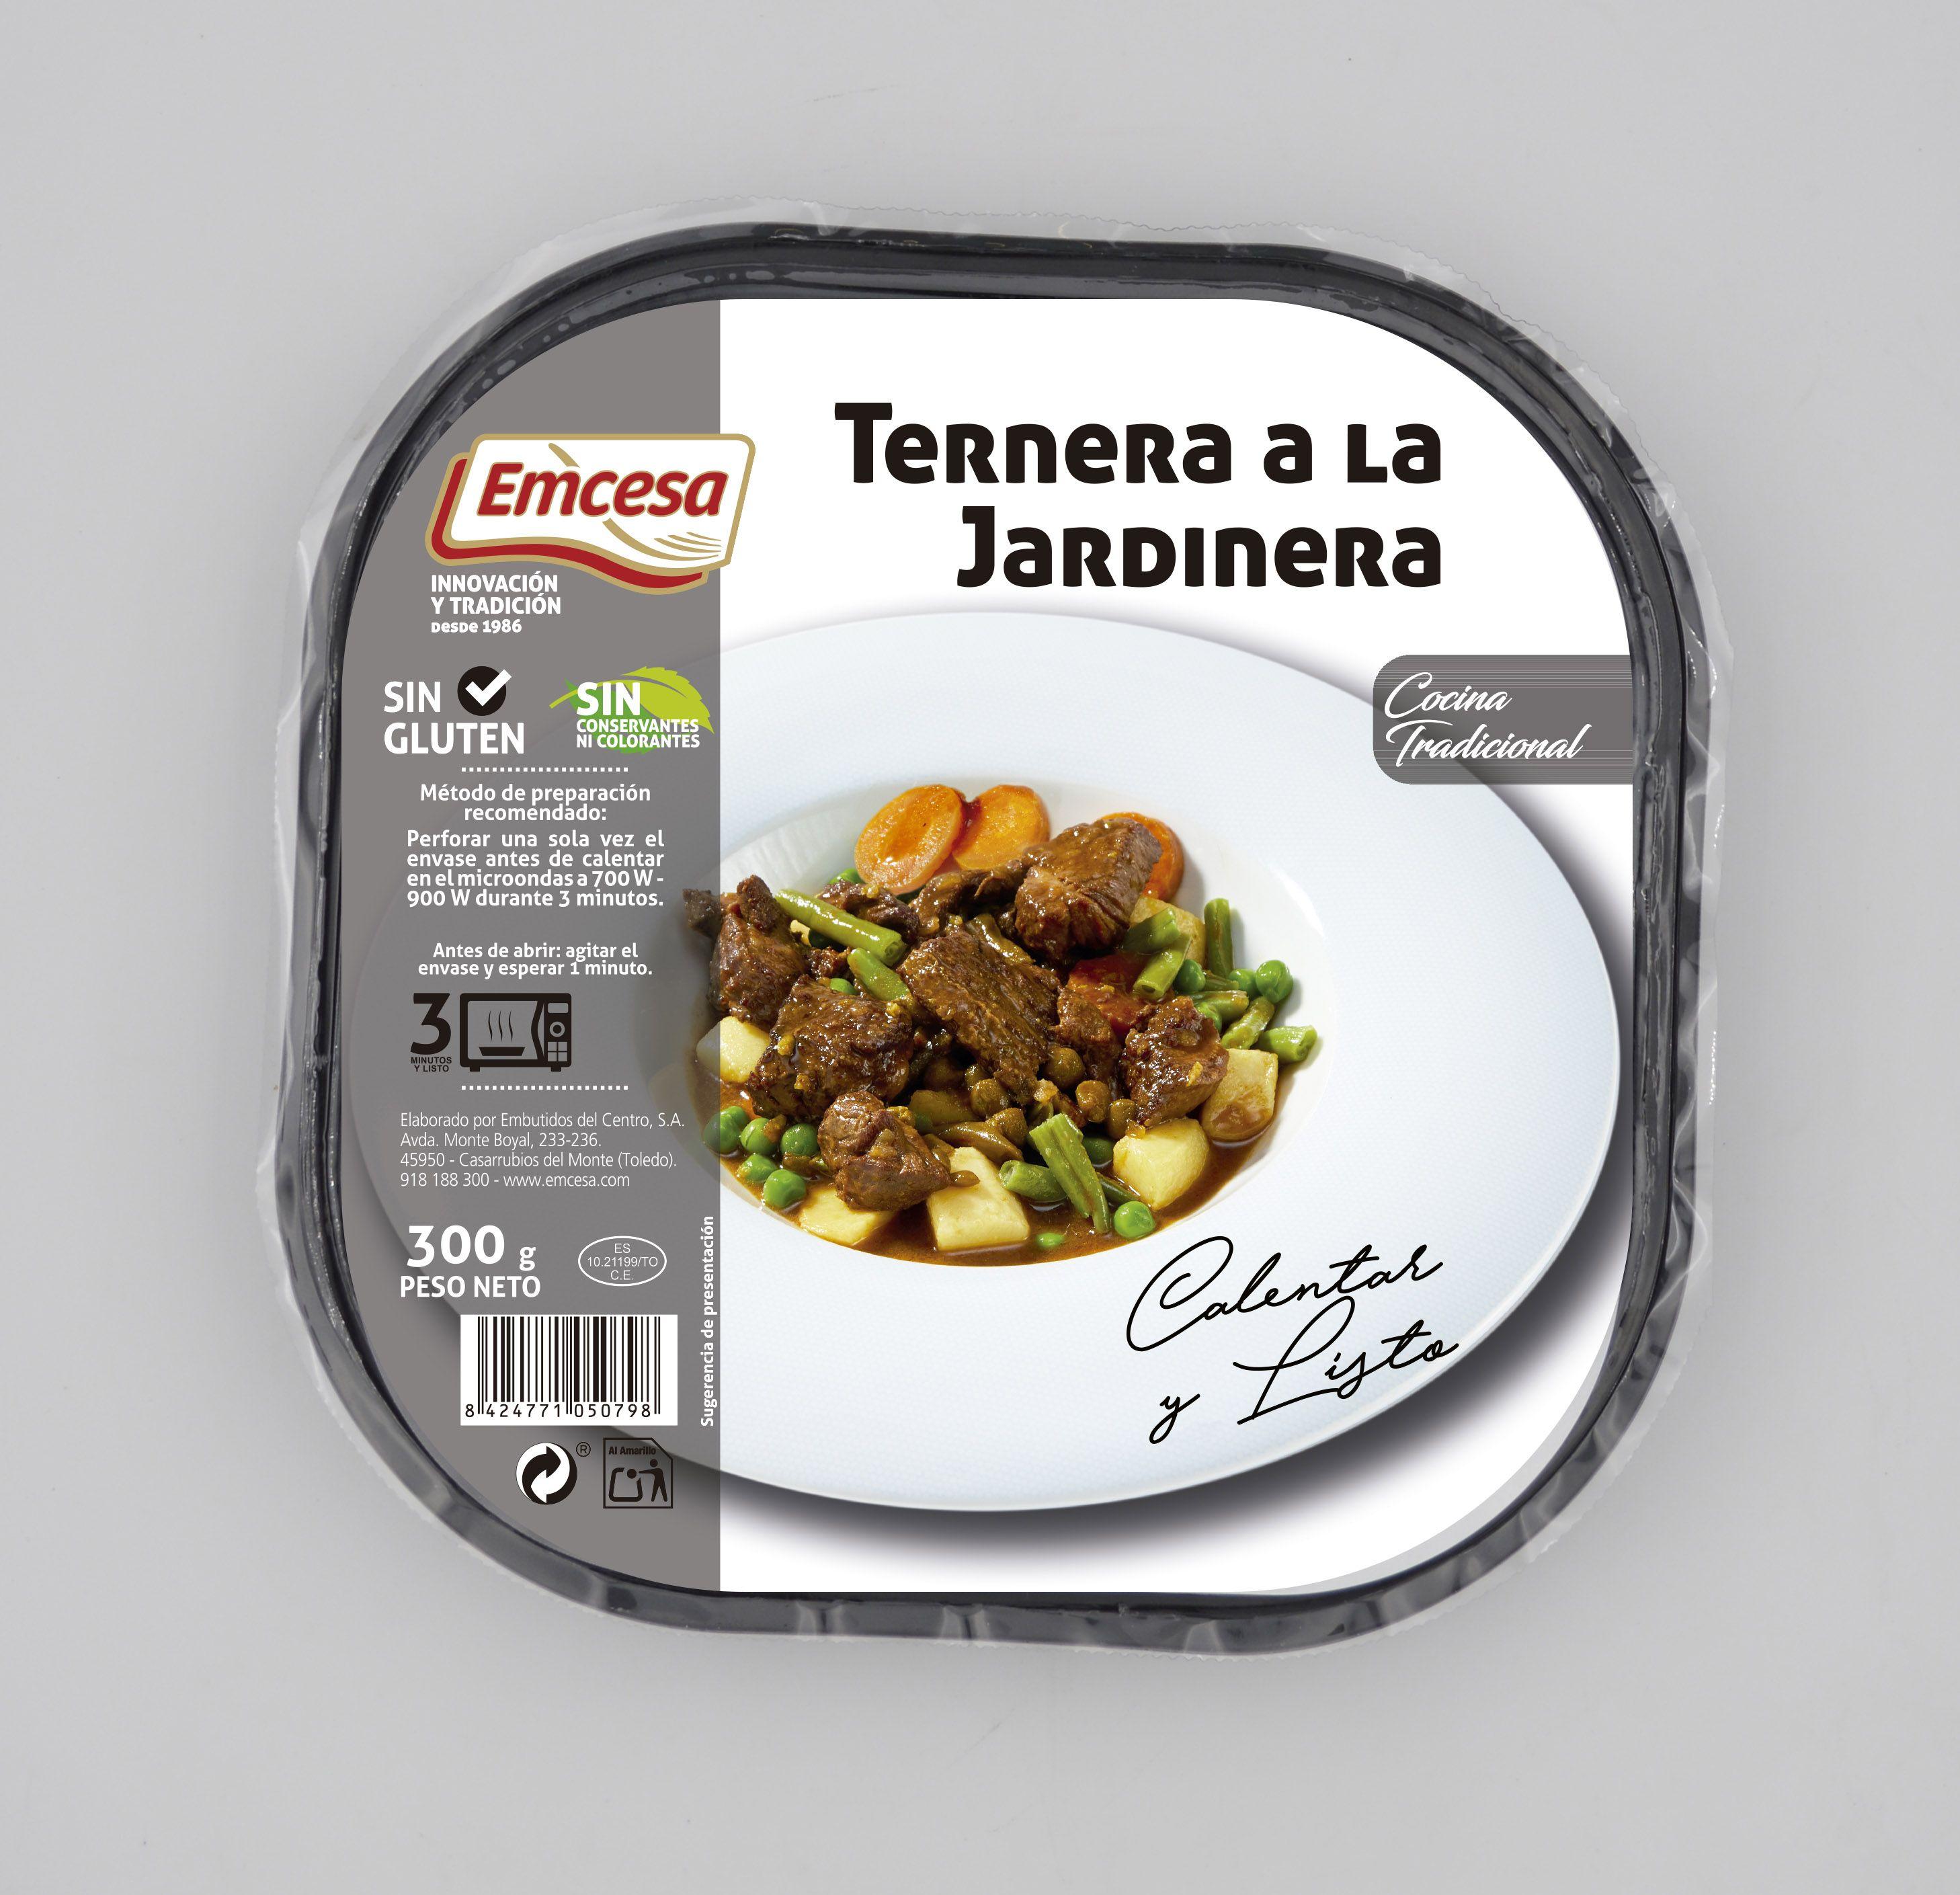 Fotografia Ternera a la Jardinera_EMCESA